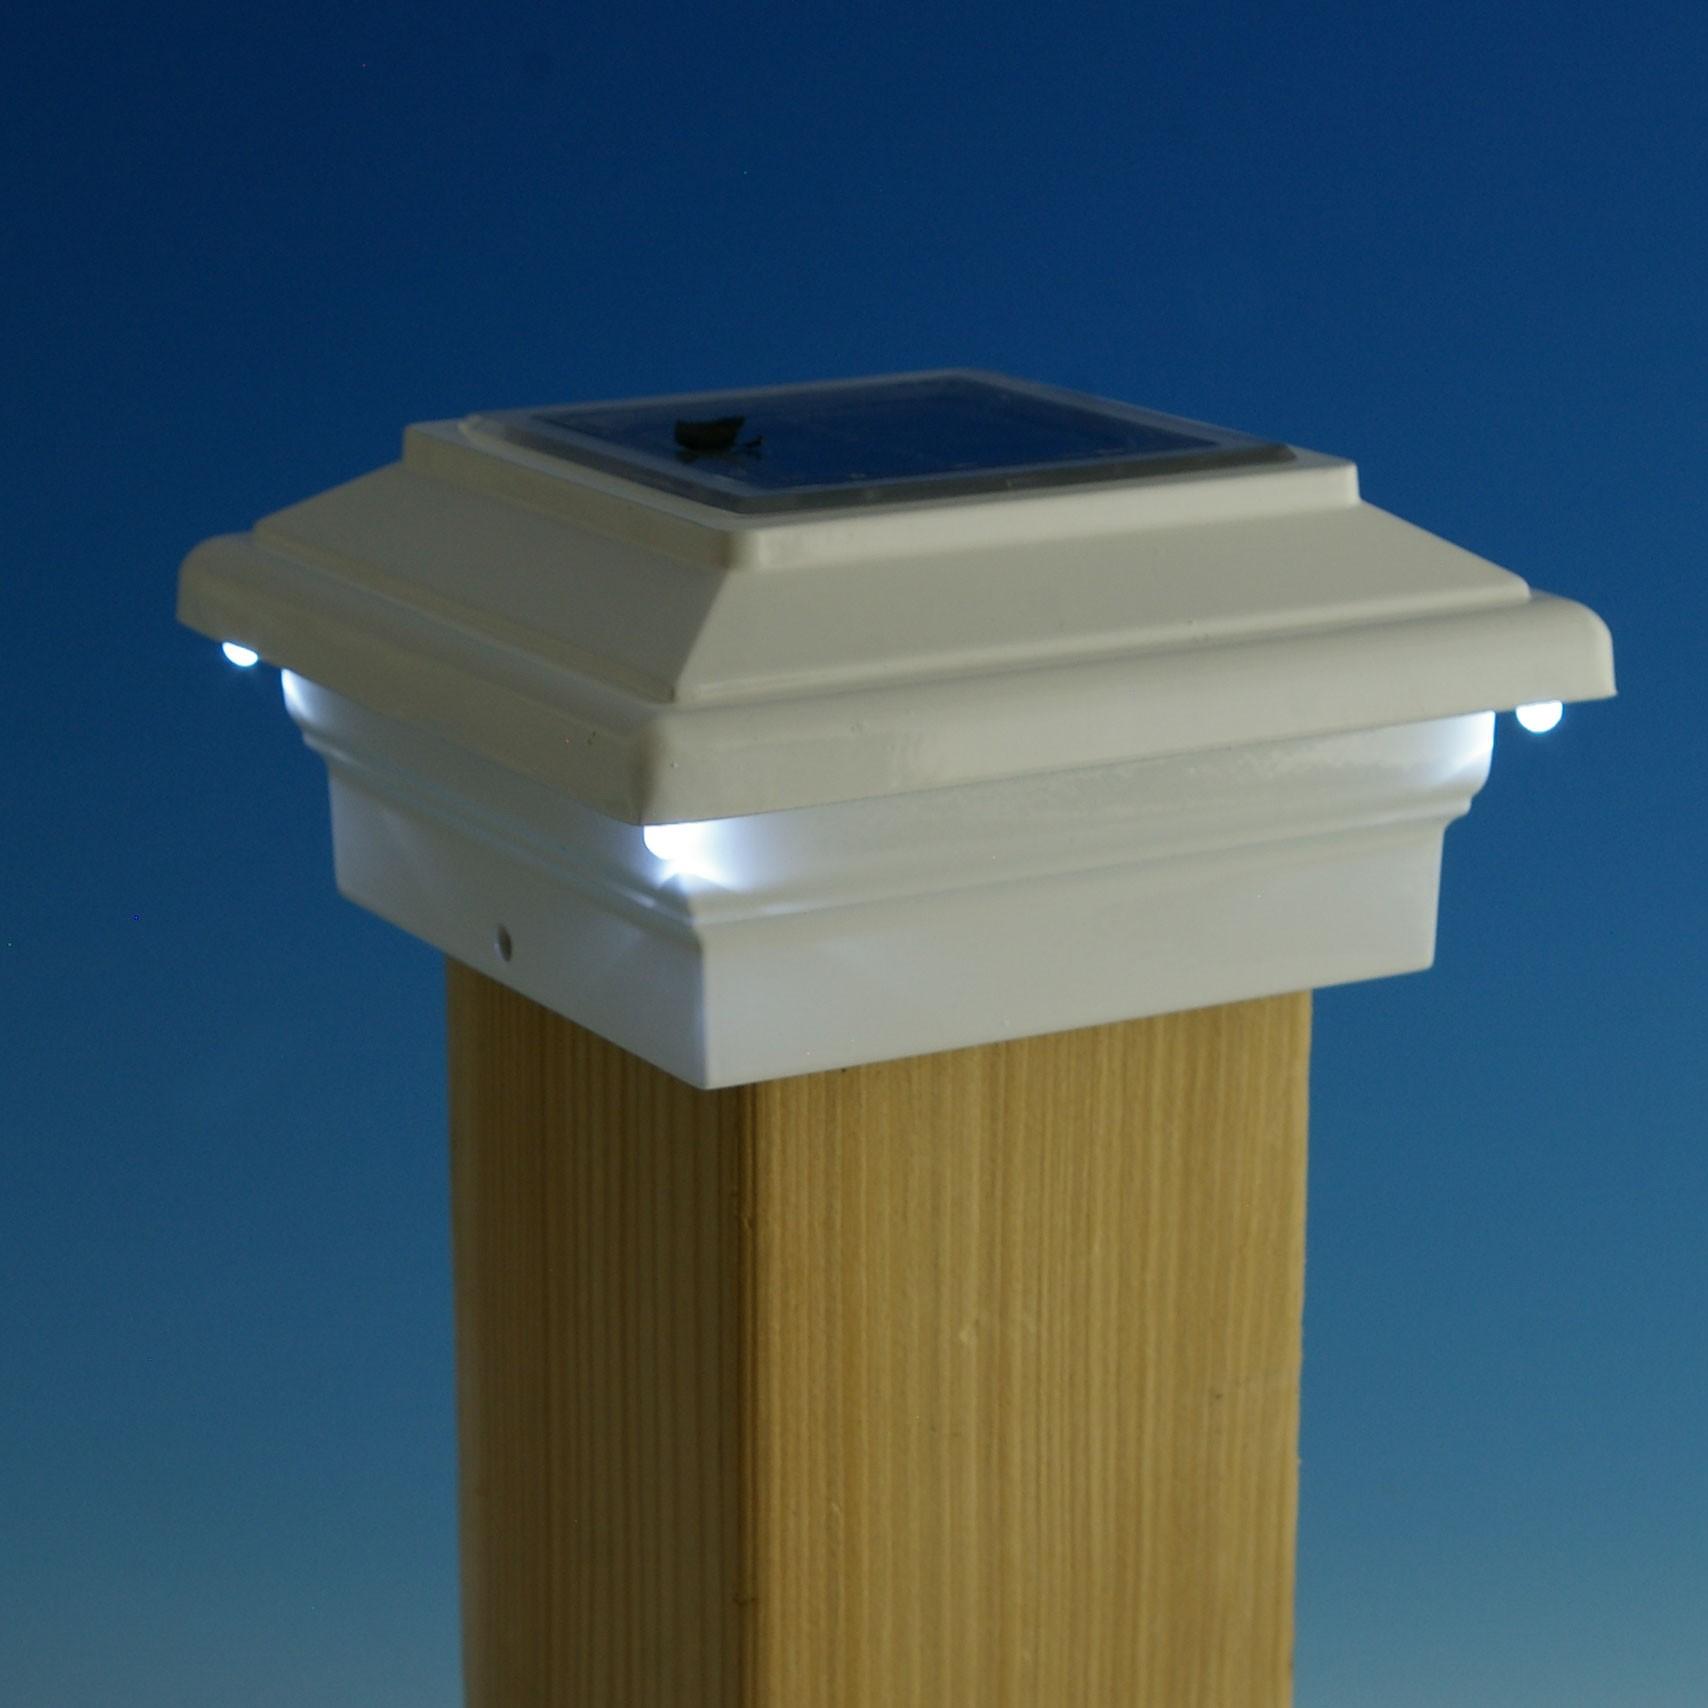 solar deck post lights lowes design and ideas. Black Bedroom Furniture Sets. Home Design Ideas